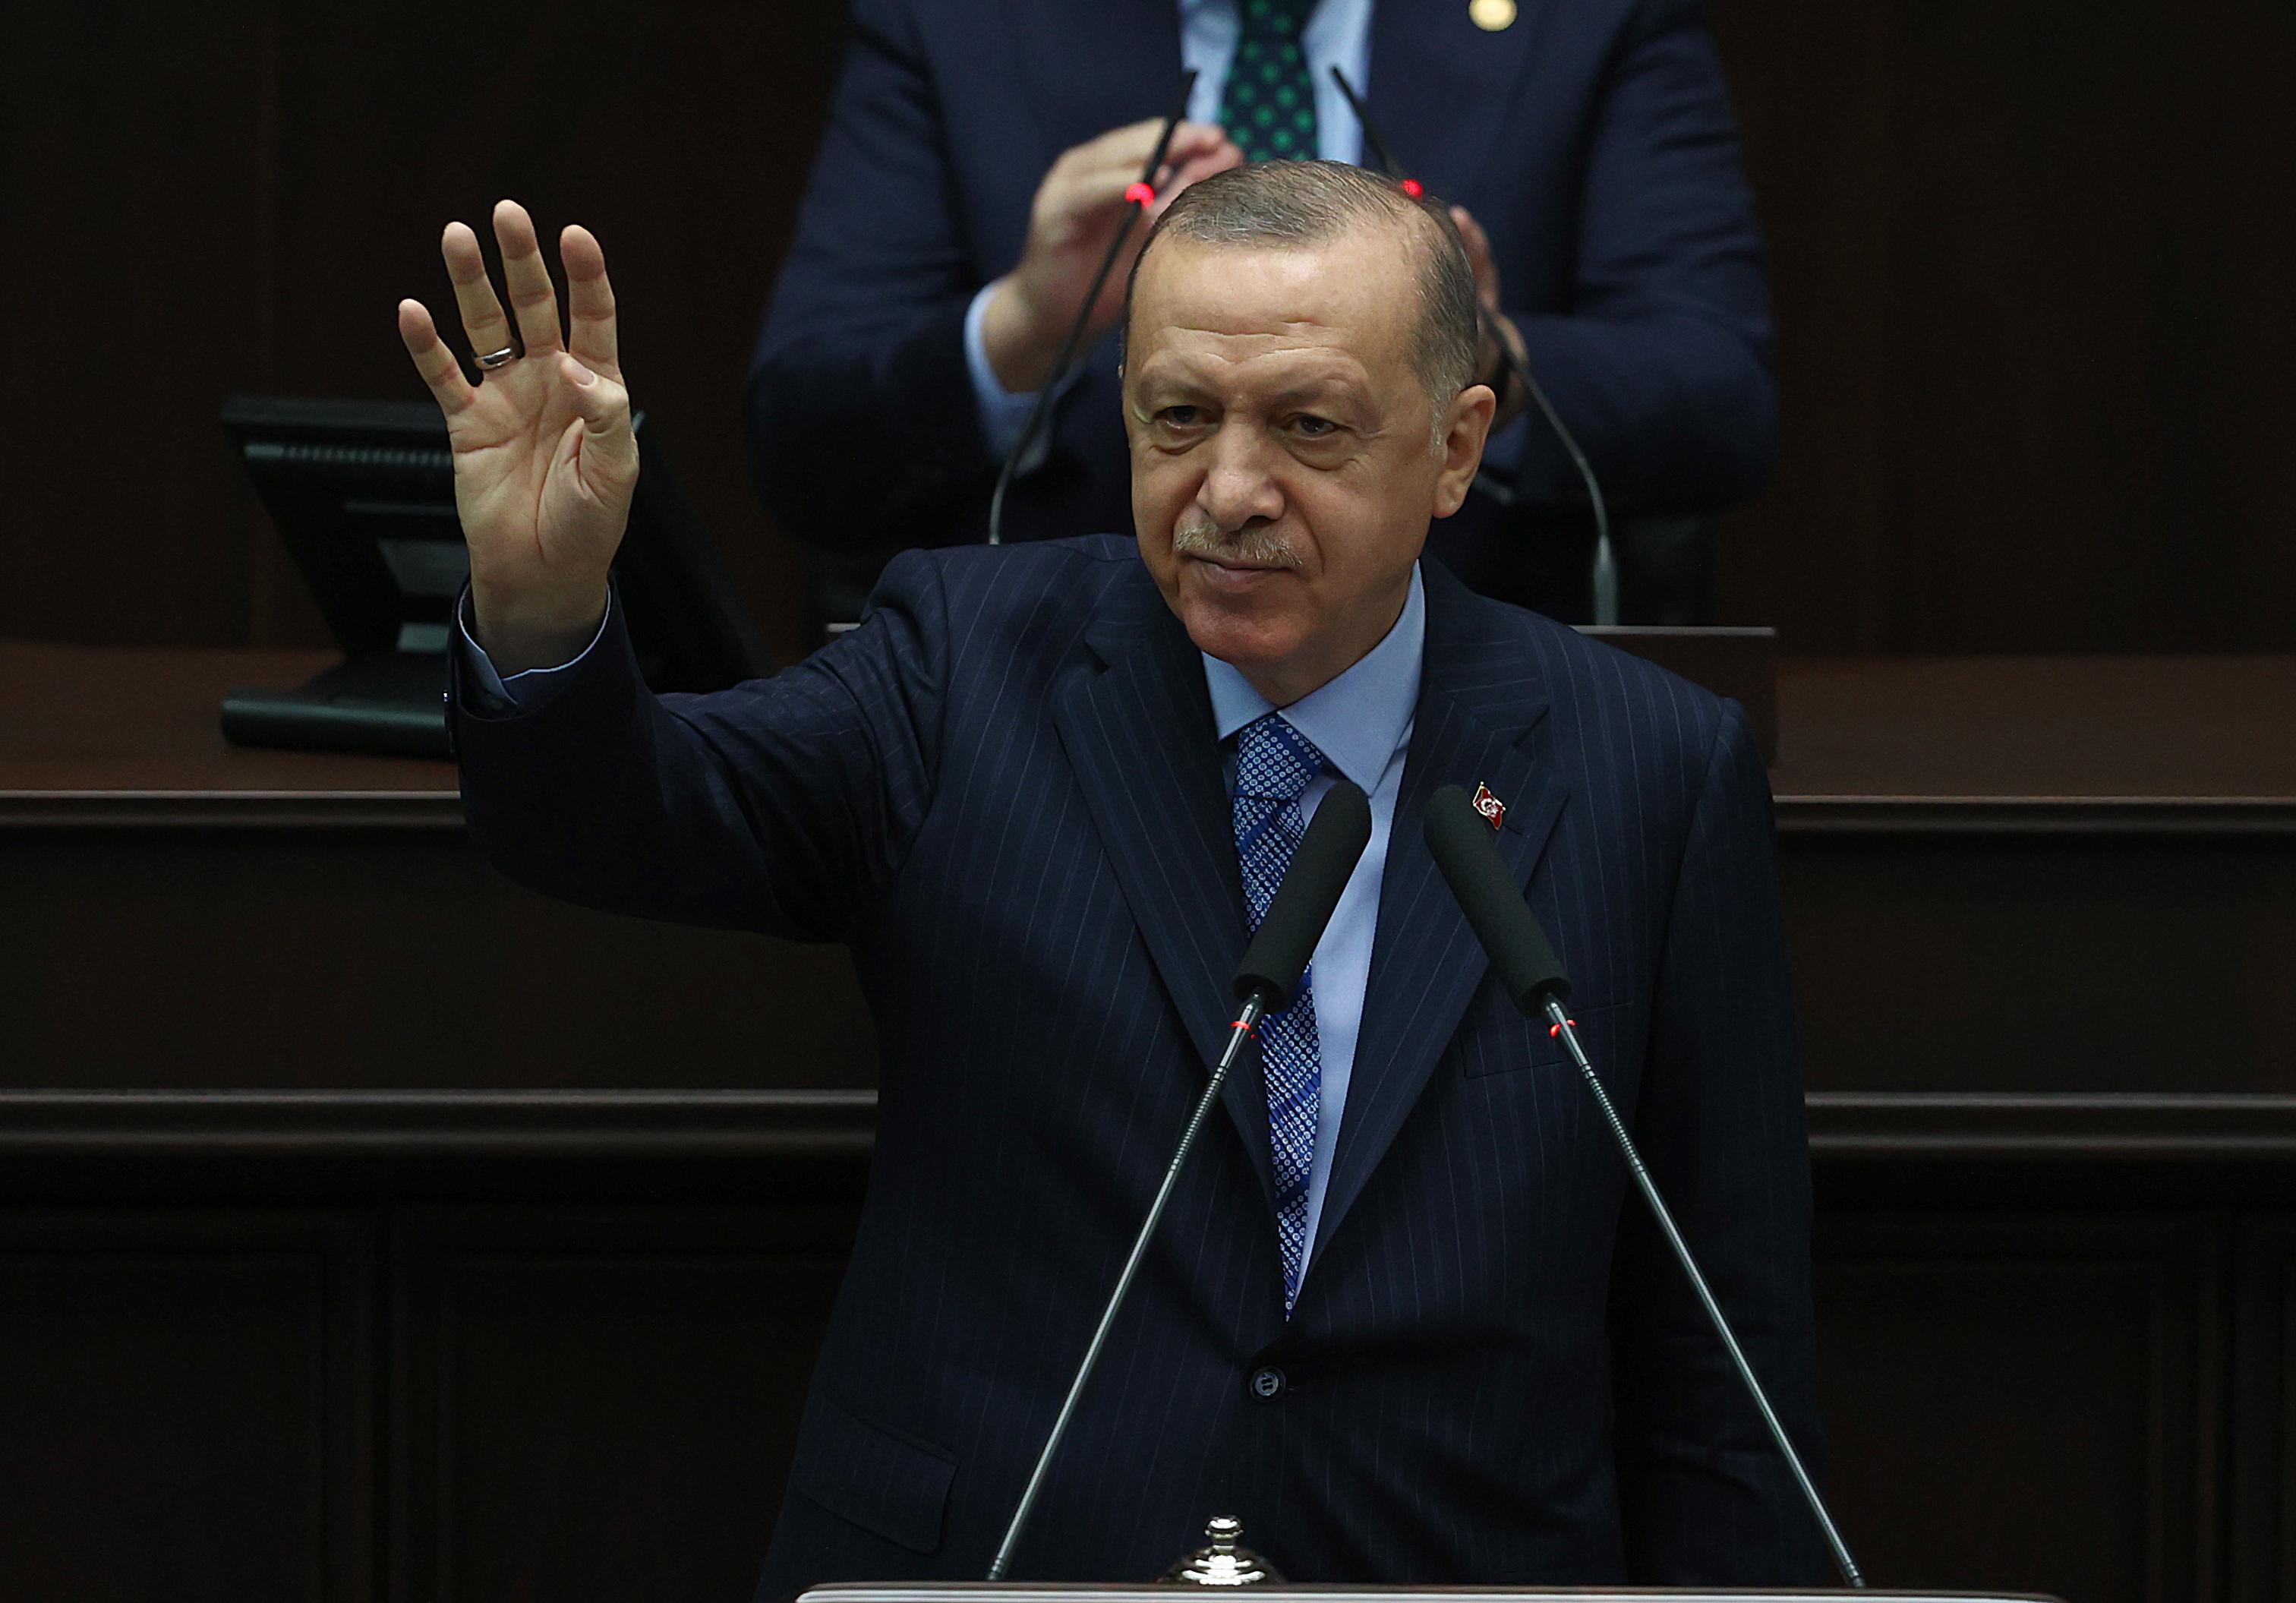 Cumhurbaşkanı Erdoğan'dan flaş açıklama! Kısıtlamalar kalkıyor mu?